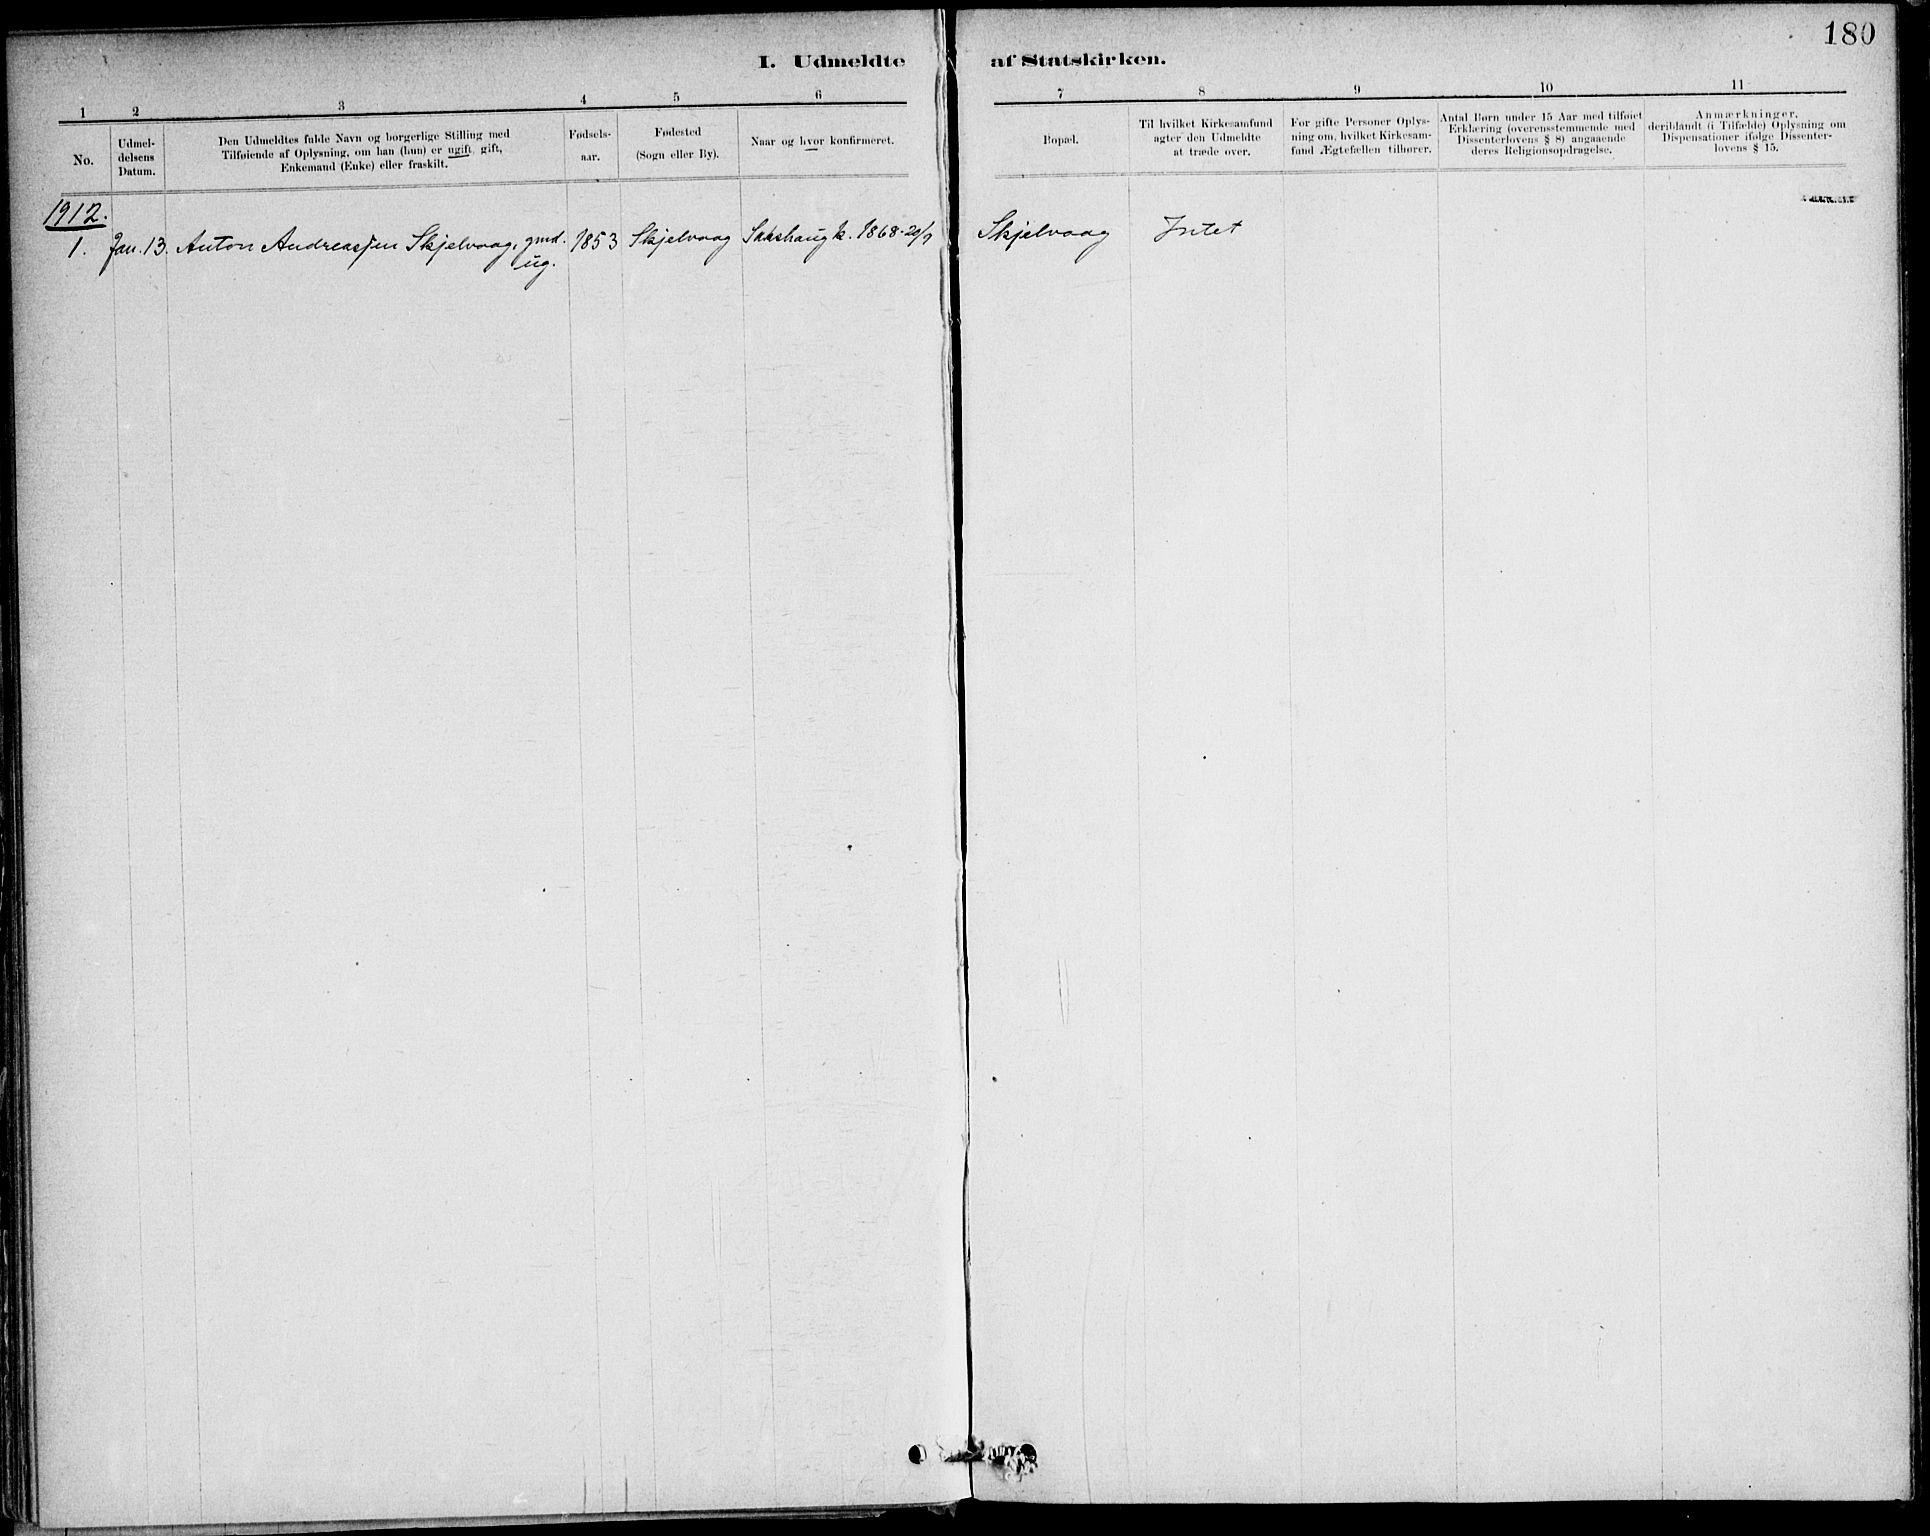 SAT, Ministerialprotokoller, klokkerbøker og fødselsregistre - Nord-Trøndelag, 732/L0316: Parish register (official) no. 732A01, 1879-1921, p. 180